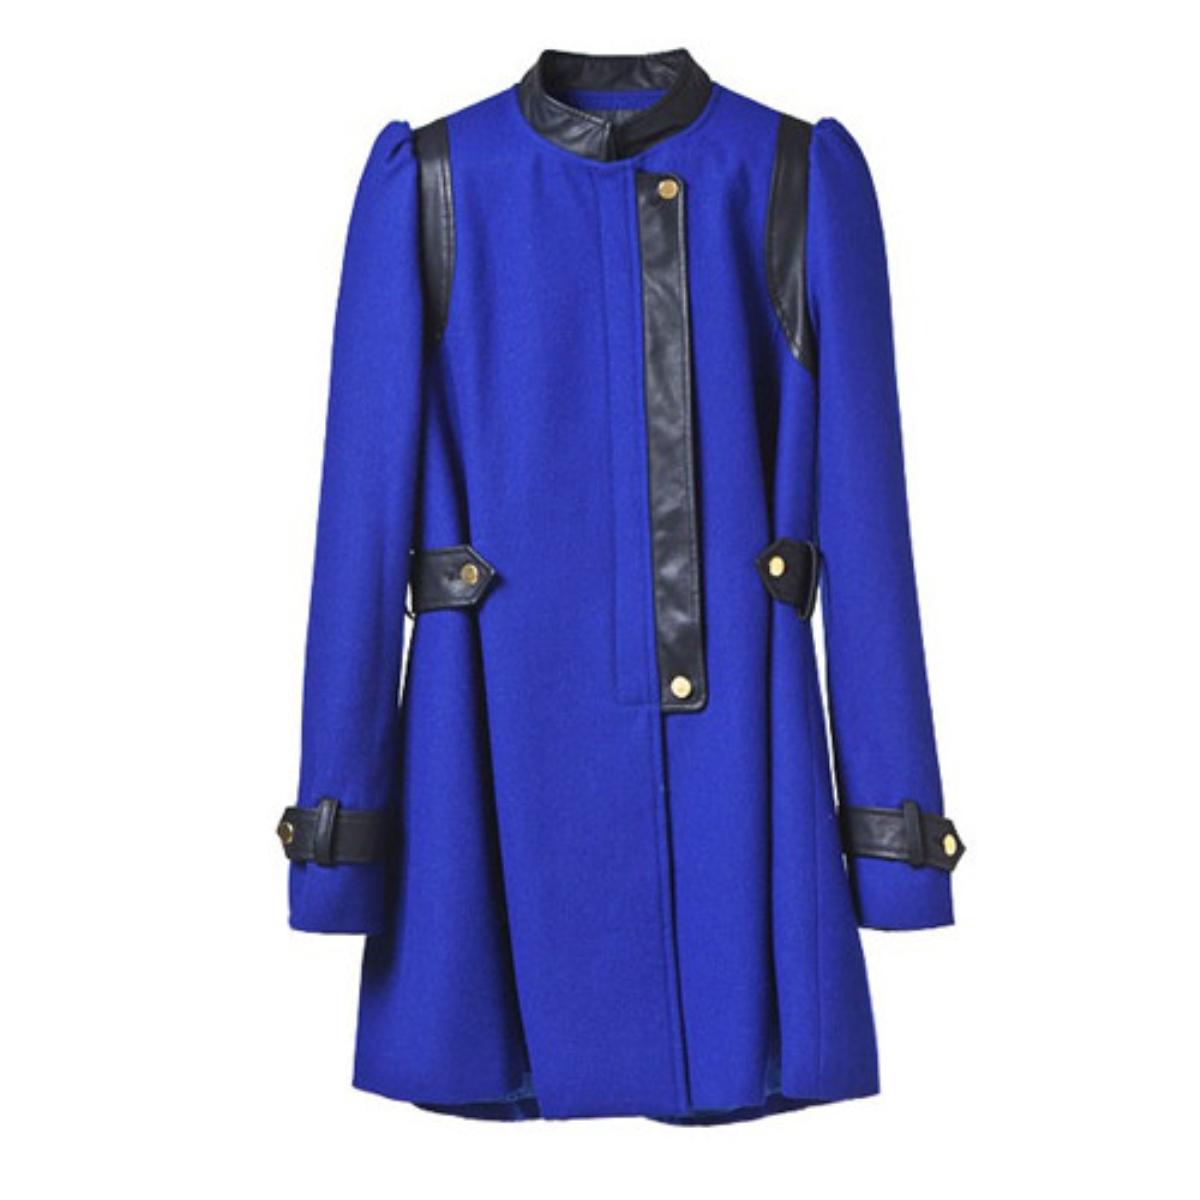 Stand Collar Split Joint Woolen Coat,Cheap in Wendybox.com